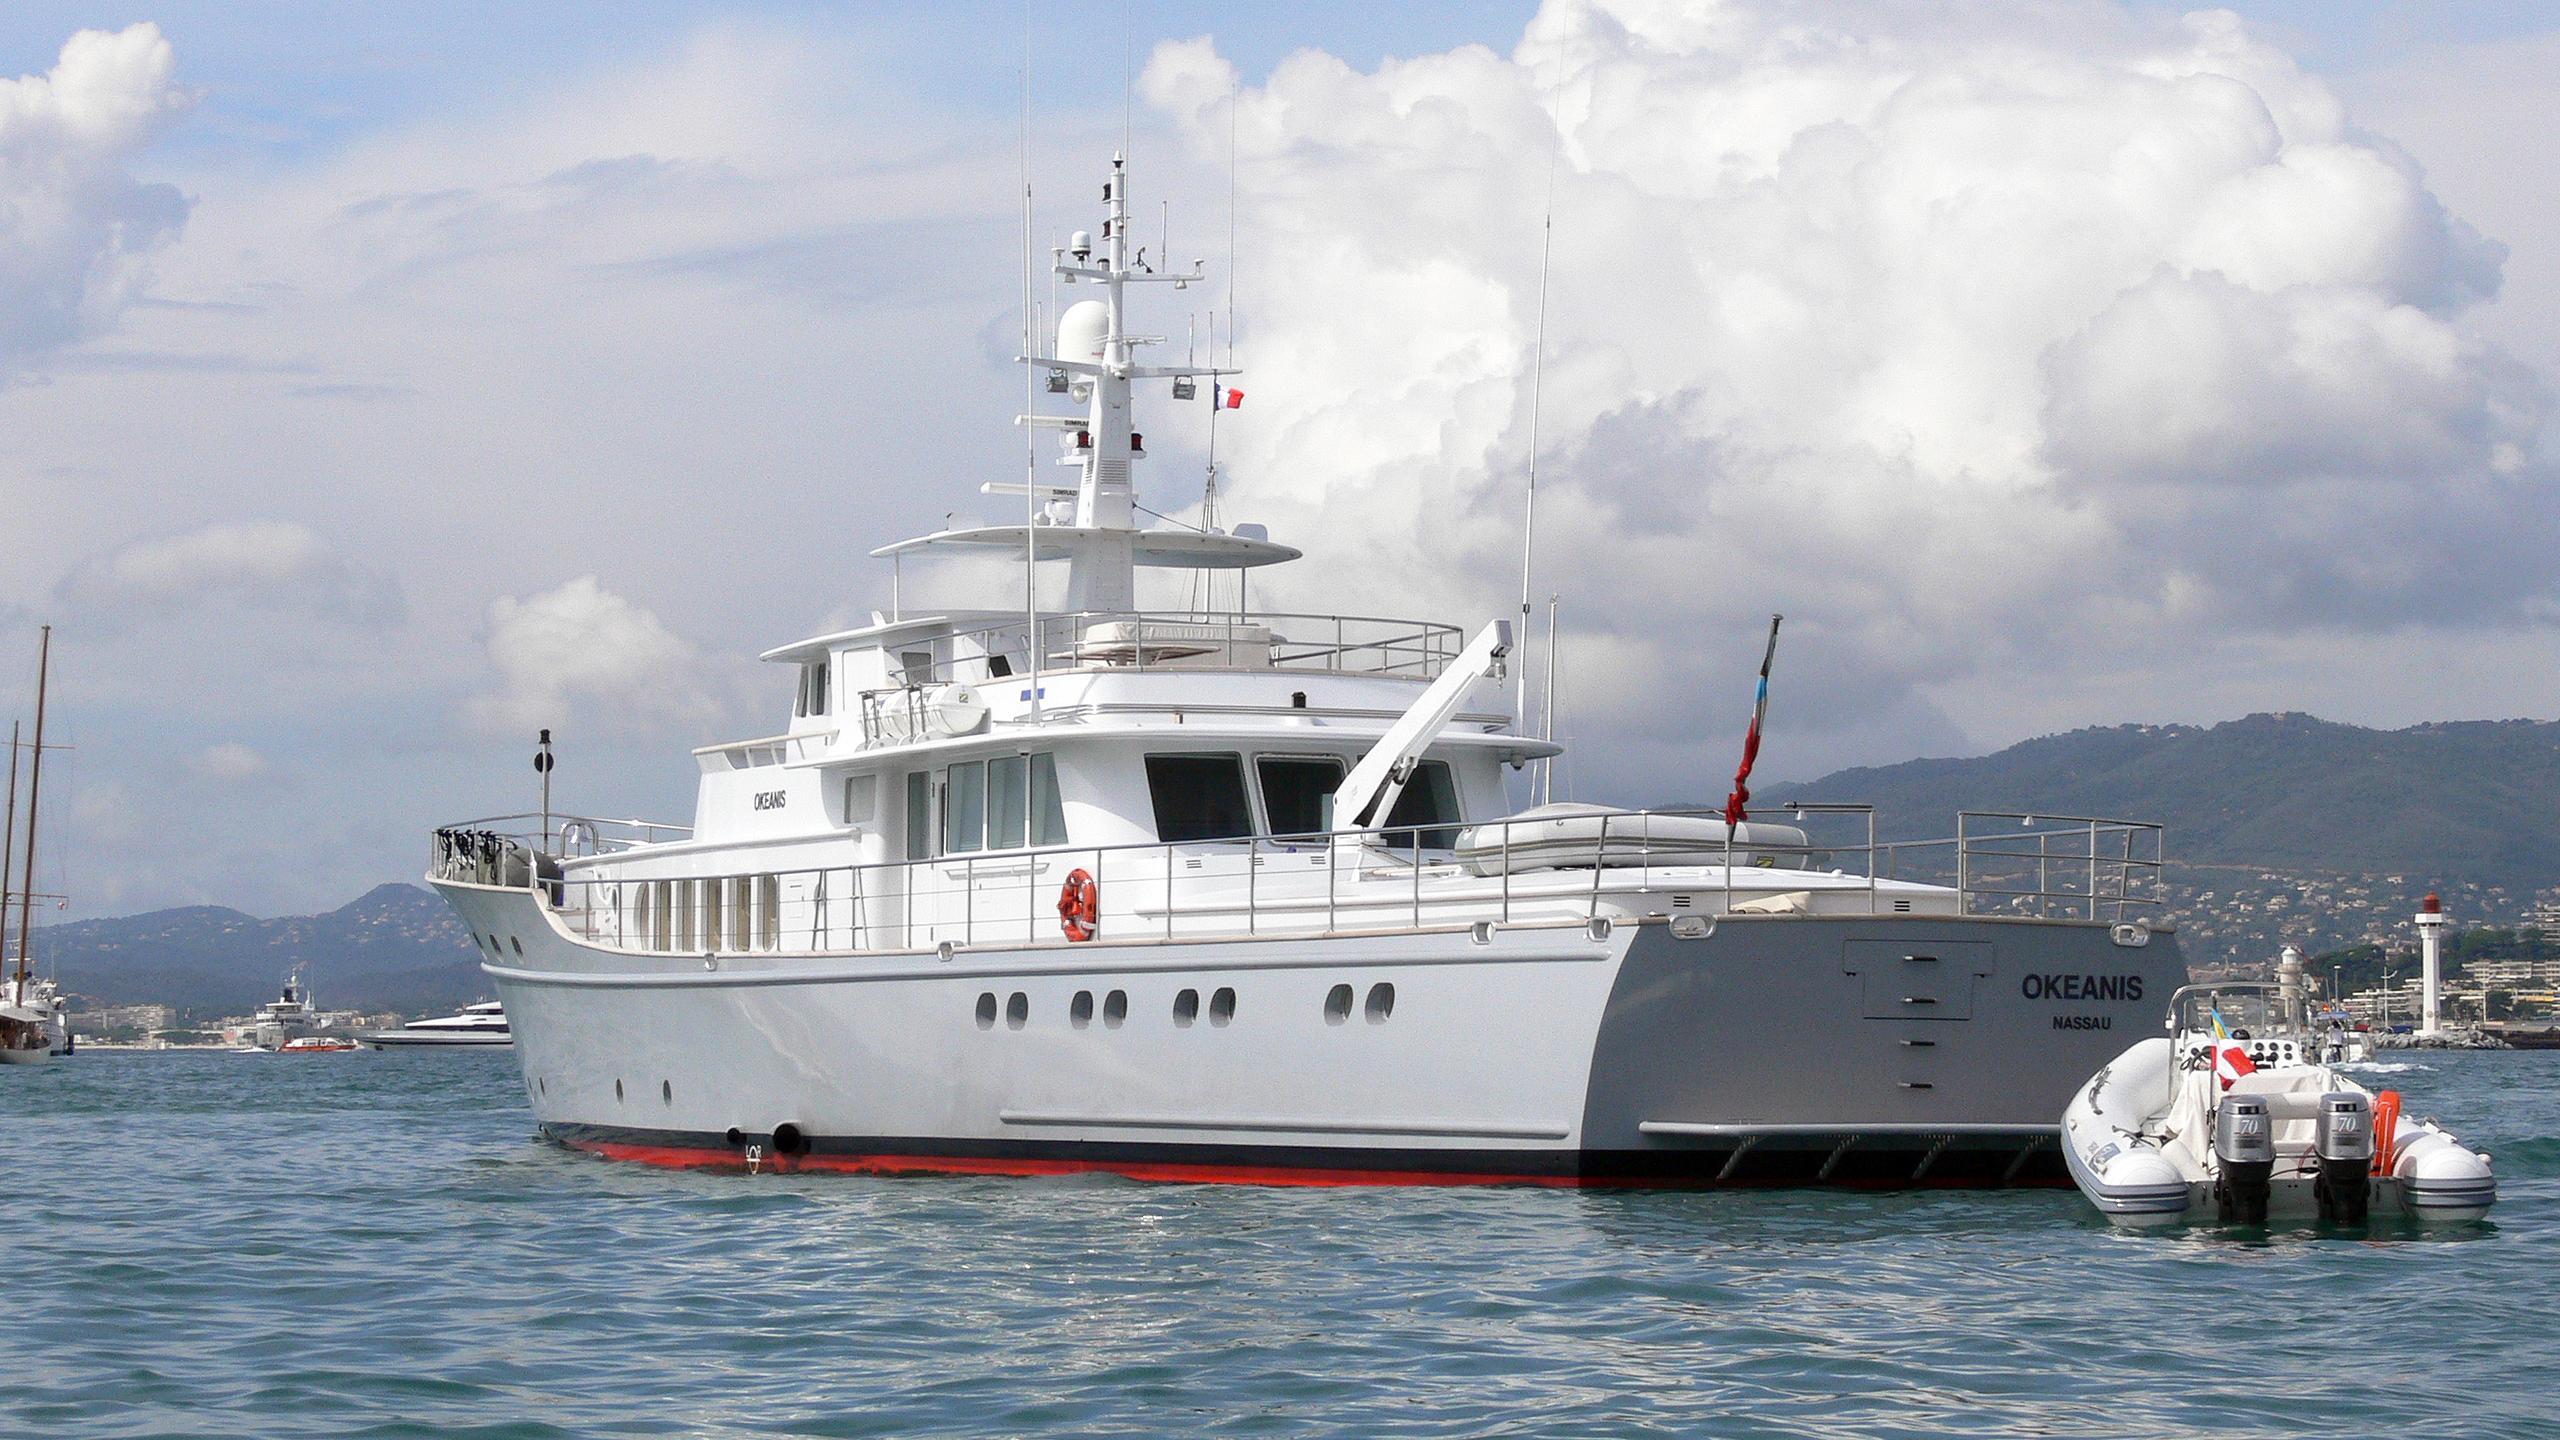 okeanis-motor-yacht-ocea-commuter-130-2003-40m-stern